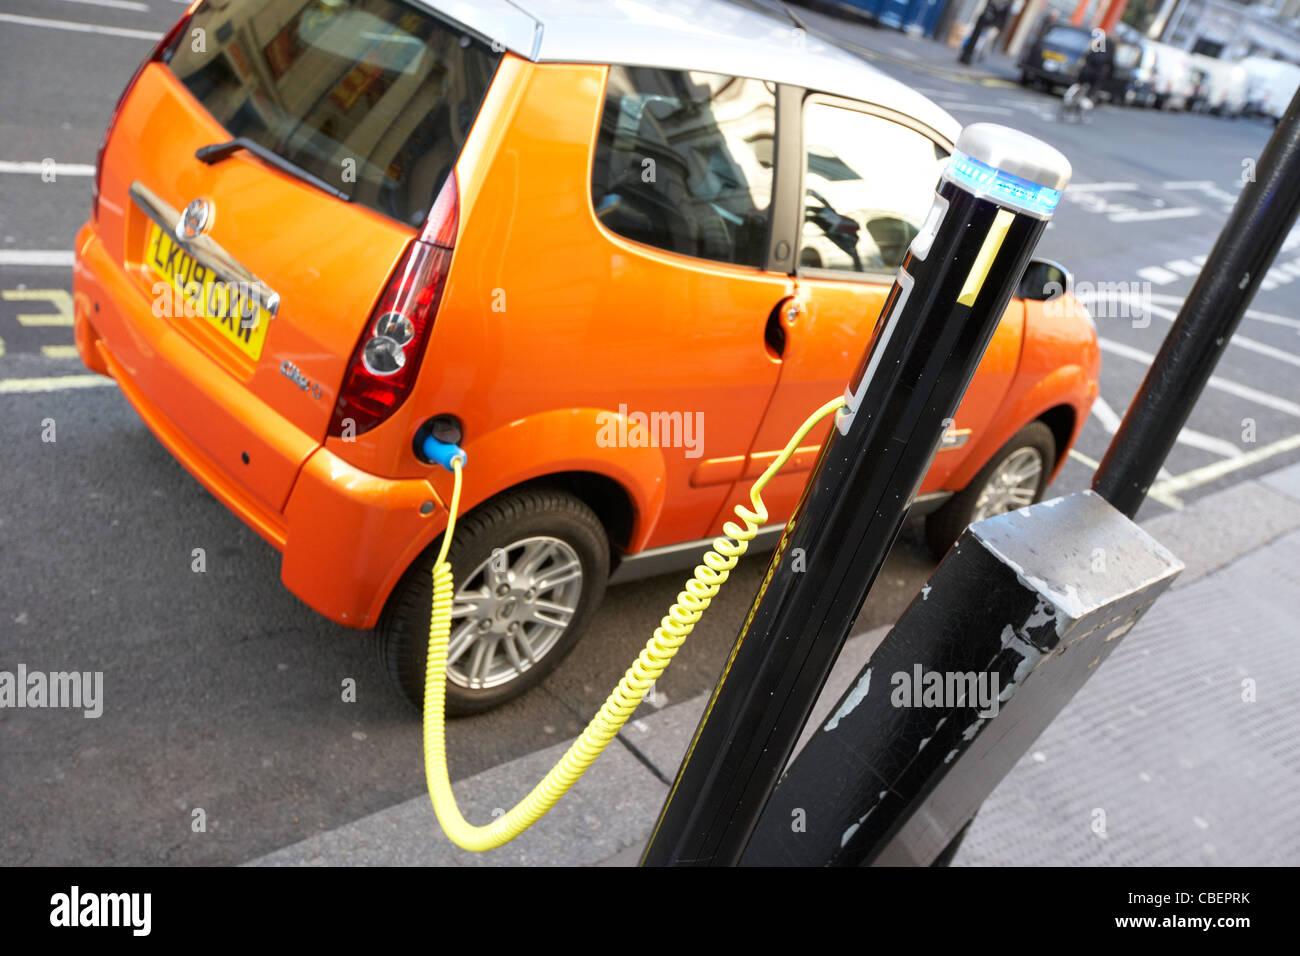 Auto elettrica punto di carica Londra Inghilterra Regno Unito Regno Unito Immagini Stock